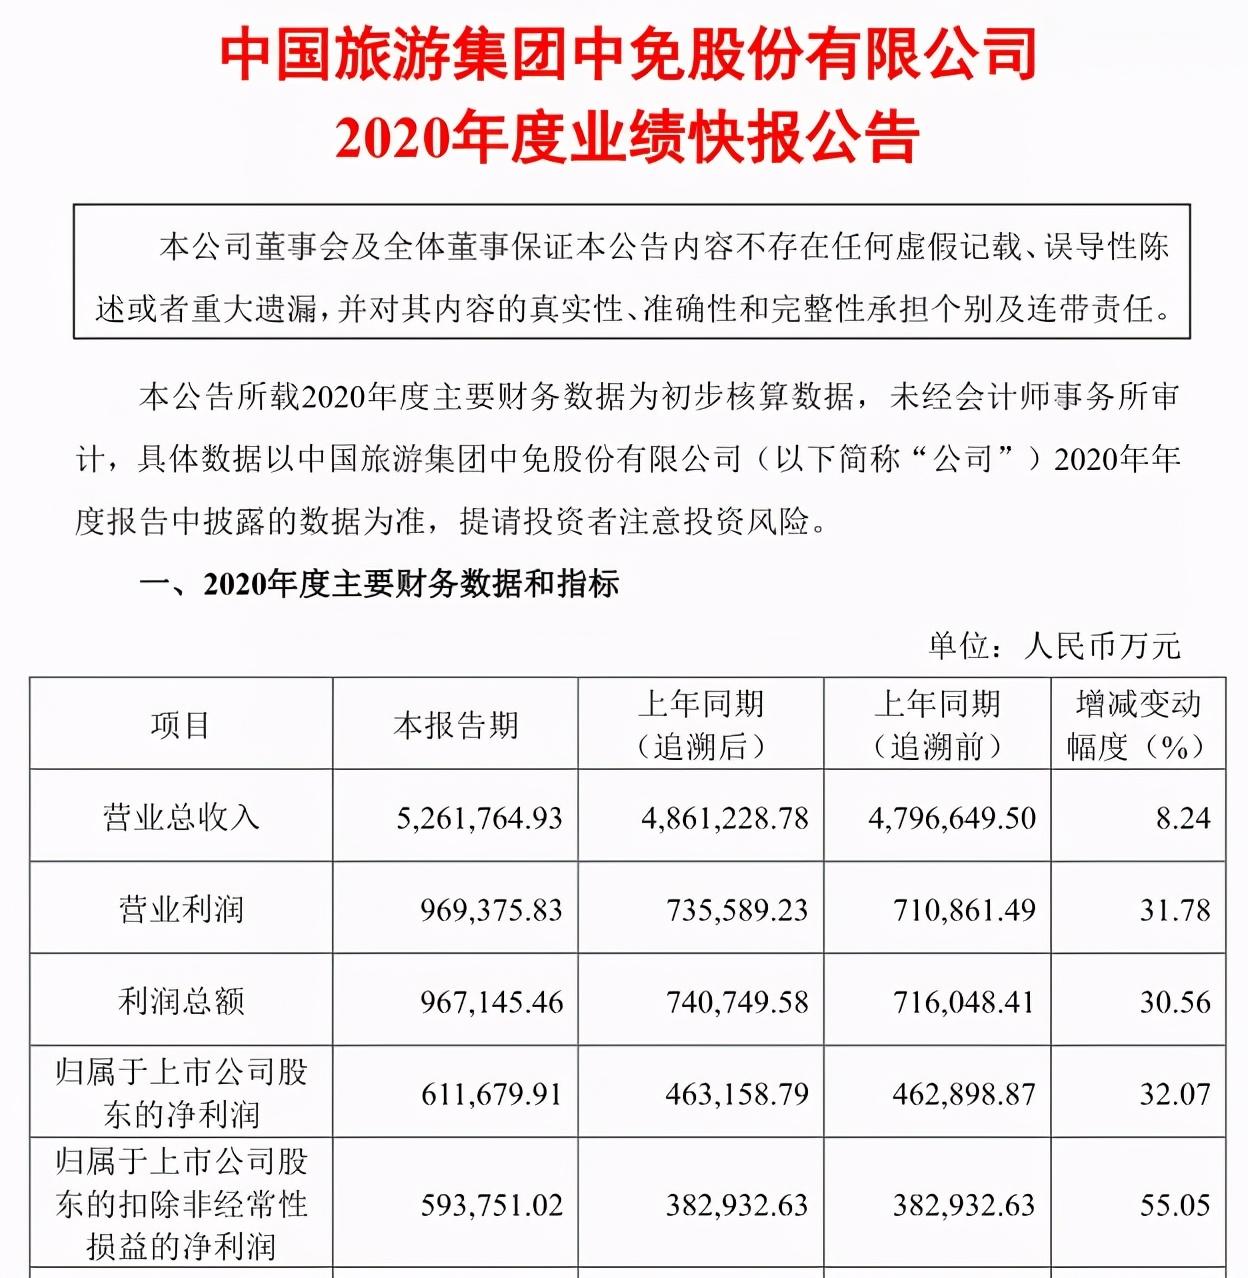 中国游客一年不出境,全球免税市场就变天了?